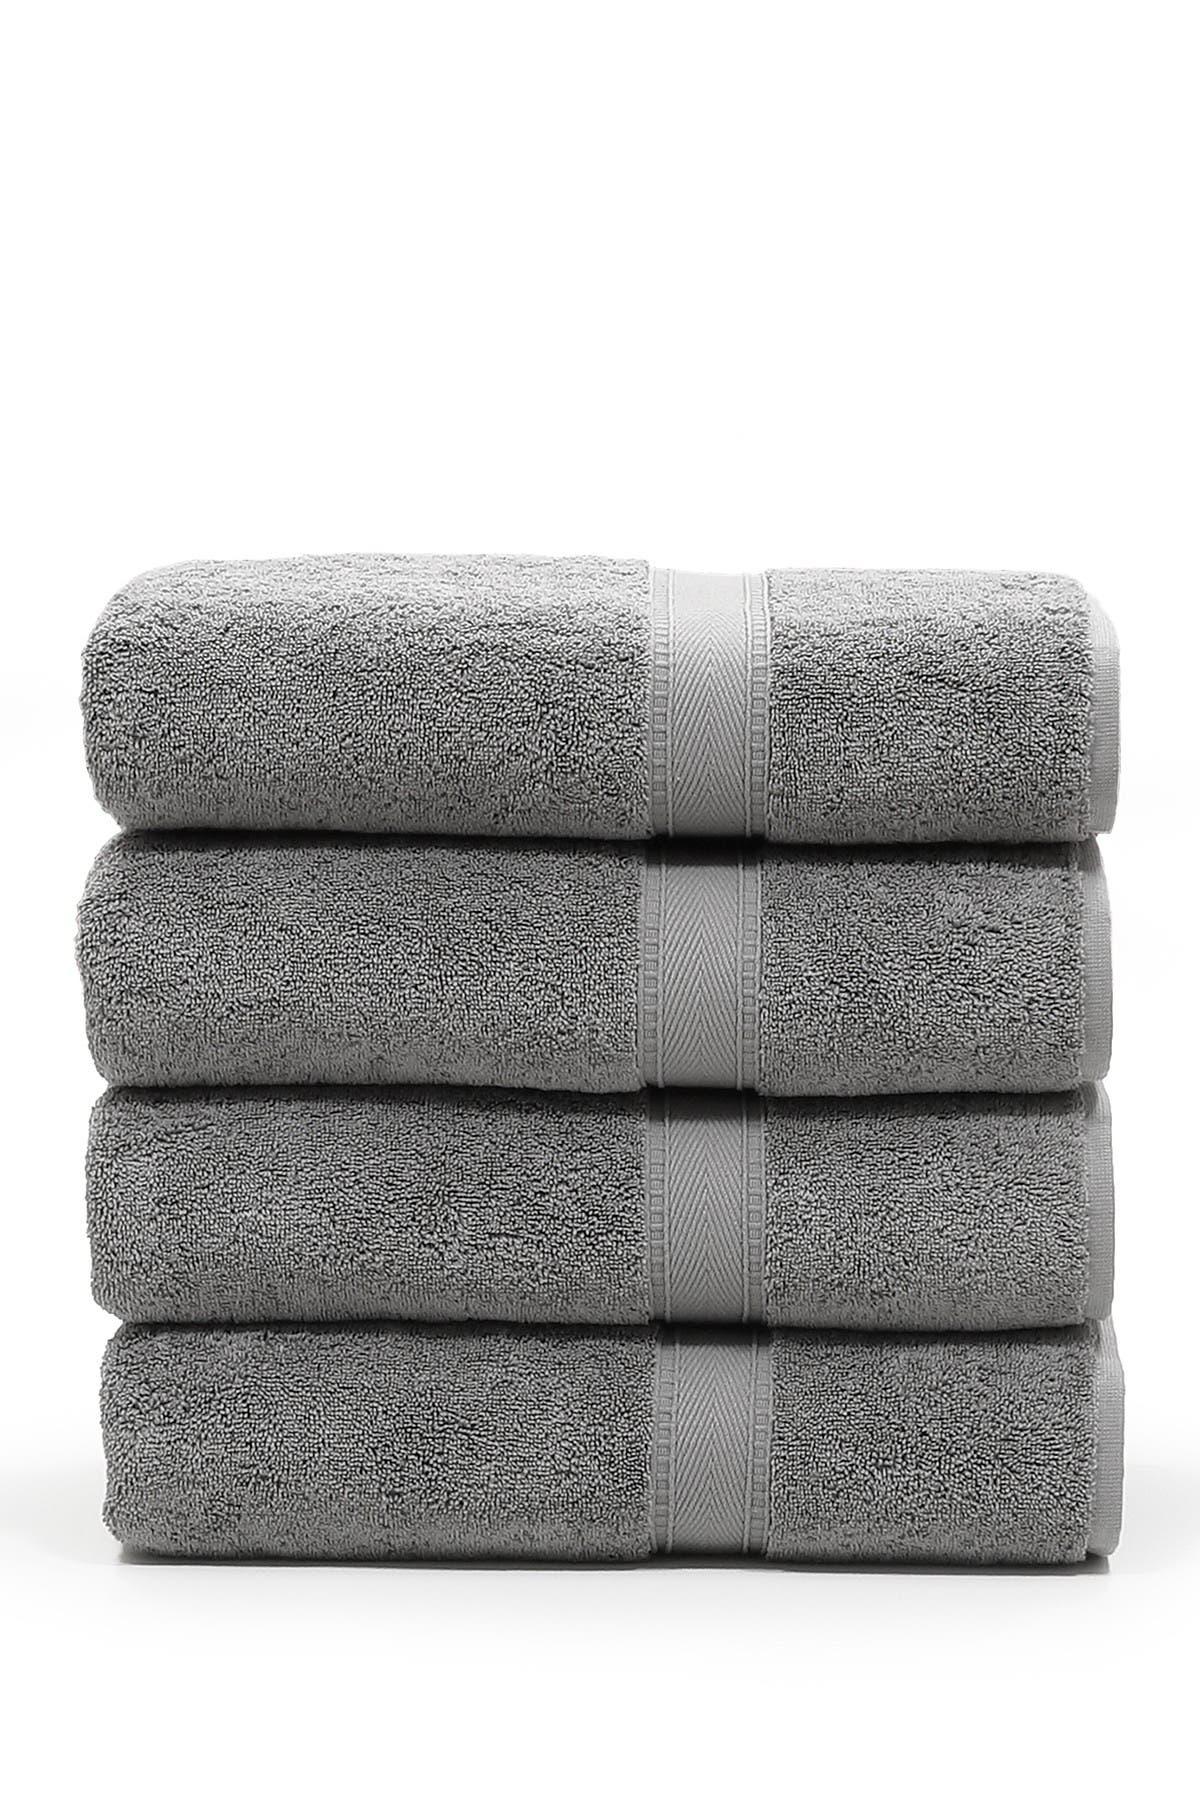 Image of LINUM TOWELS Sinemis Terry Bath Towels - Set of 4 - Dark Grey